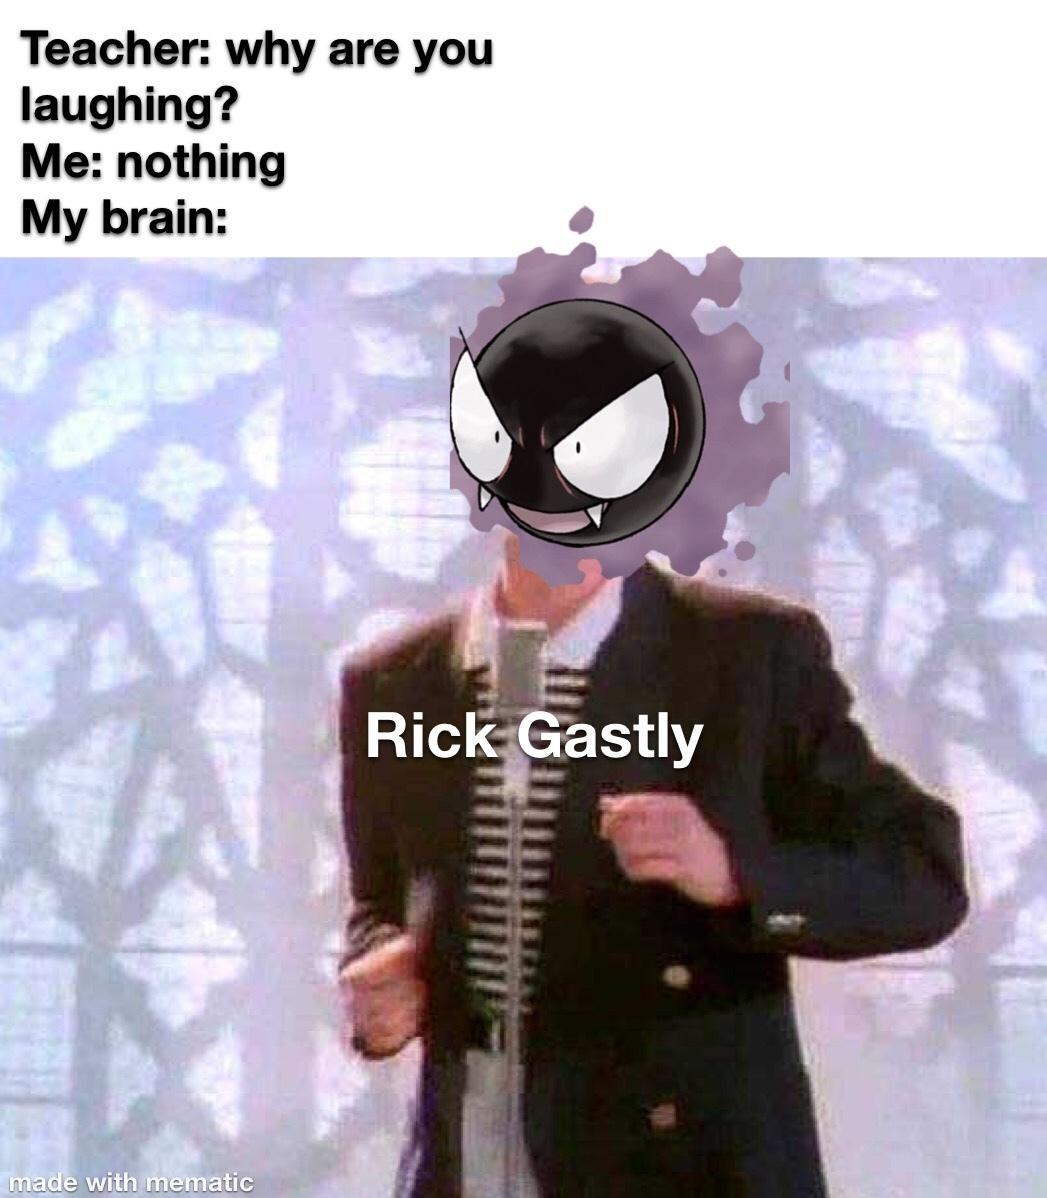 gen z humor - meme